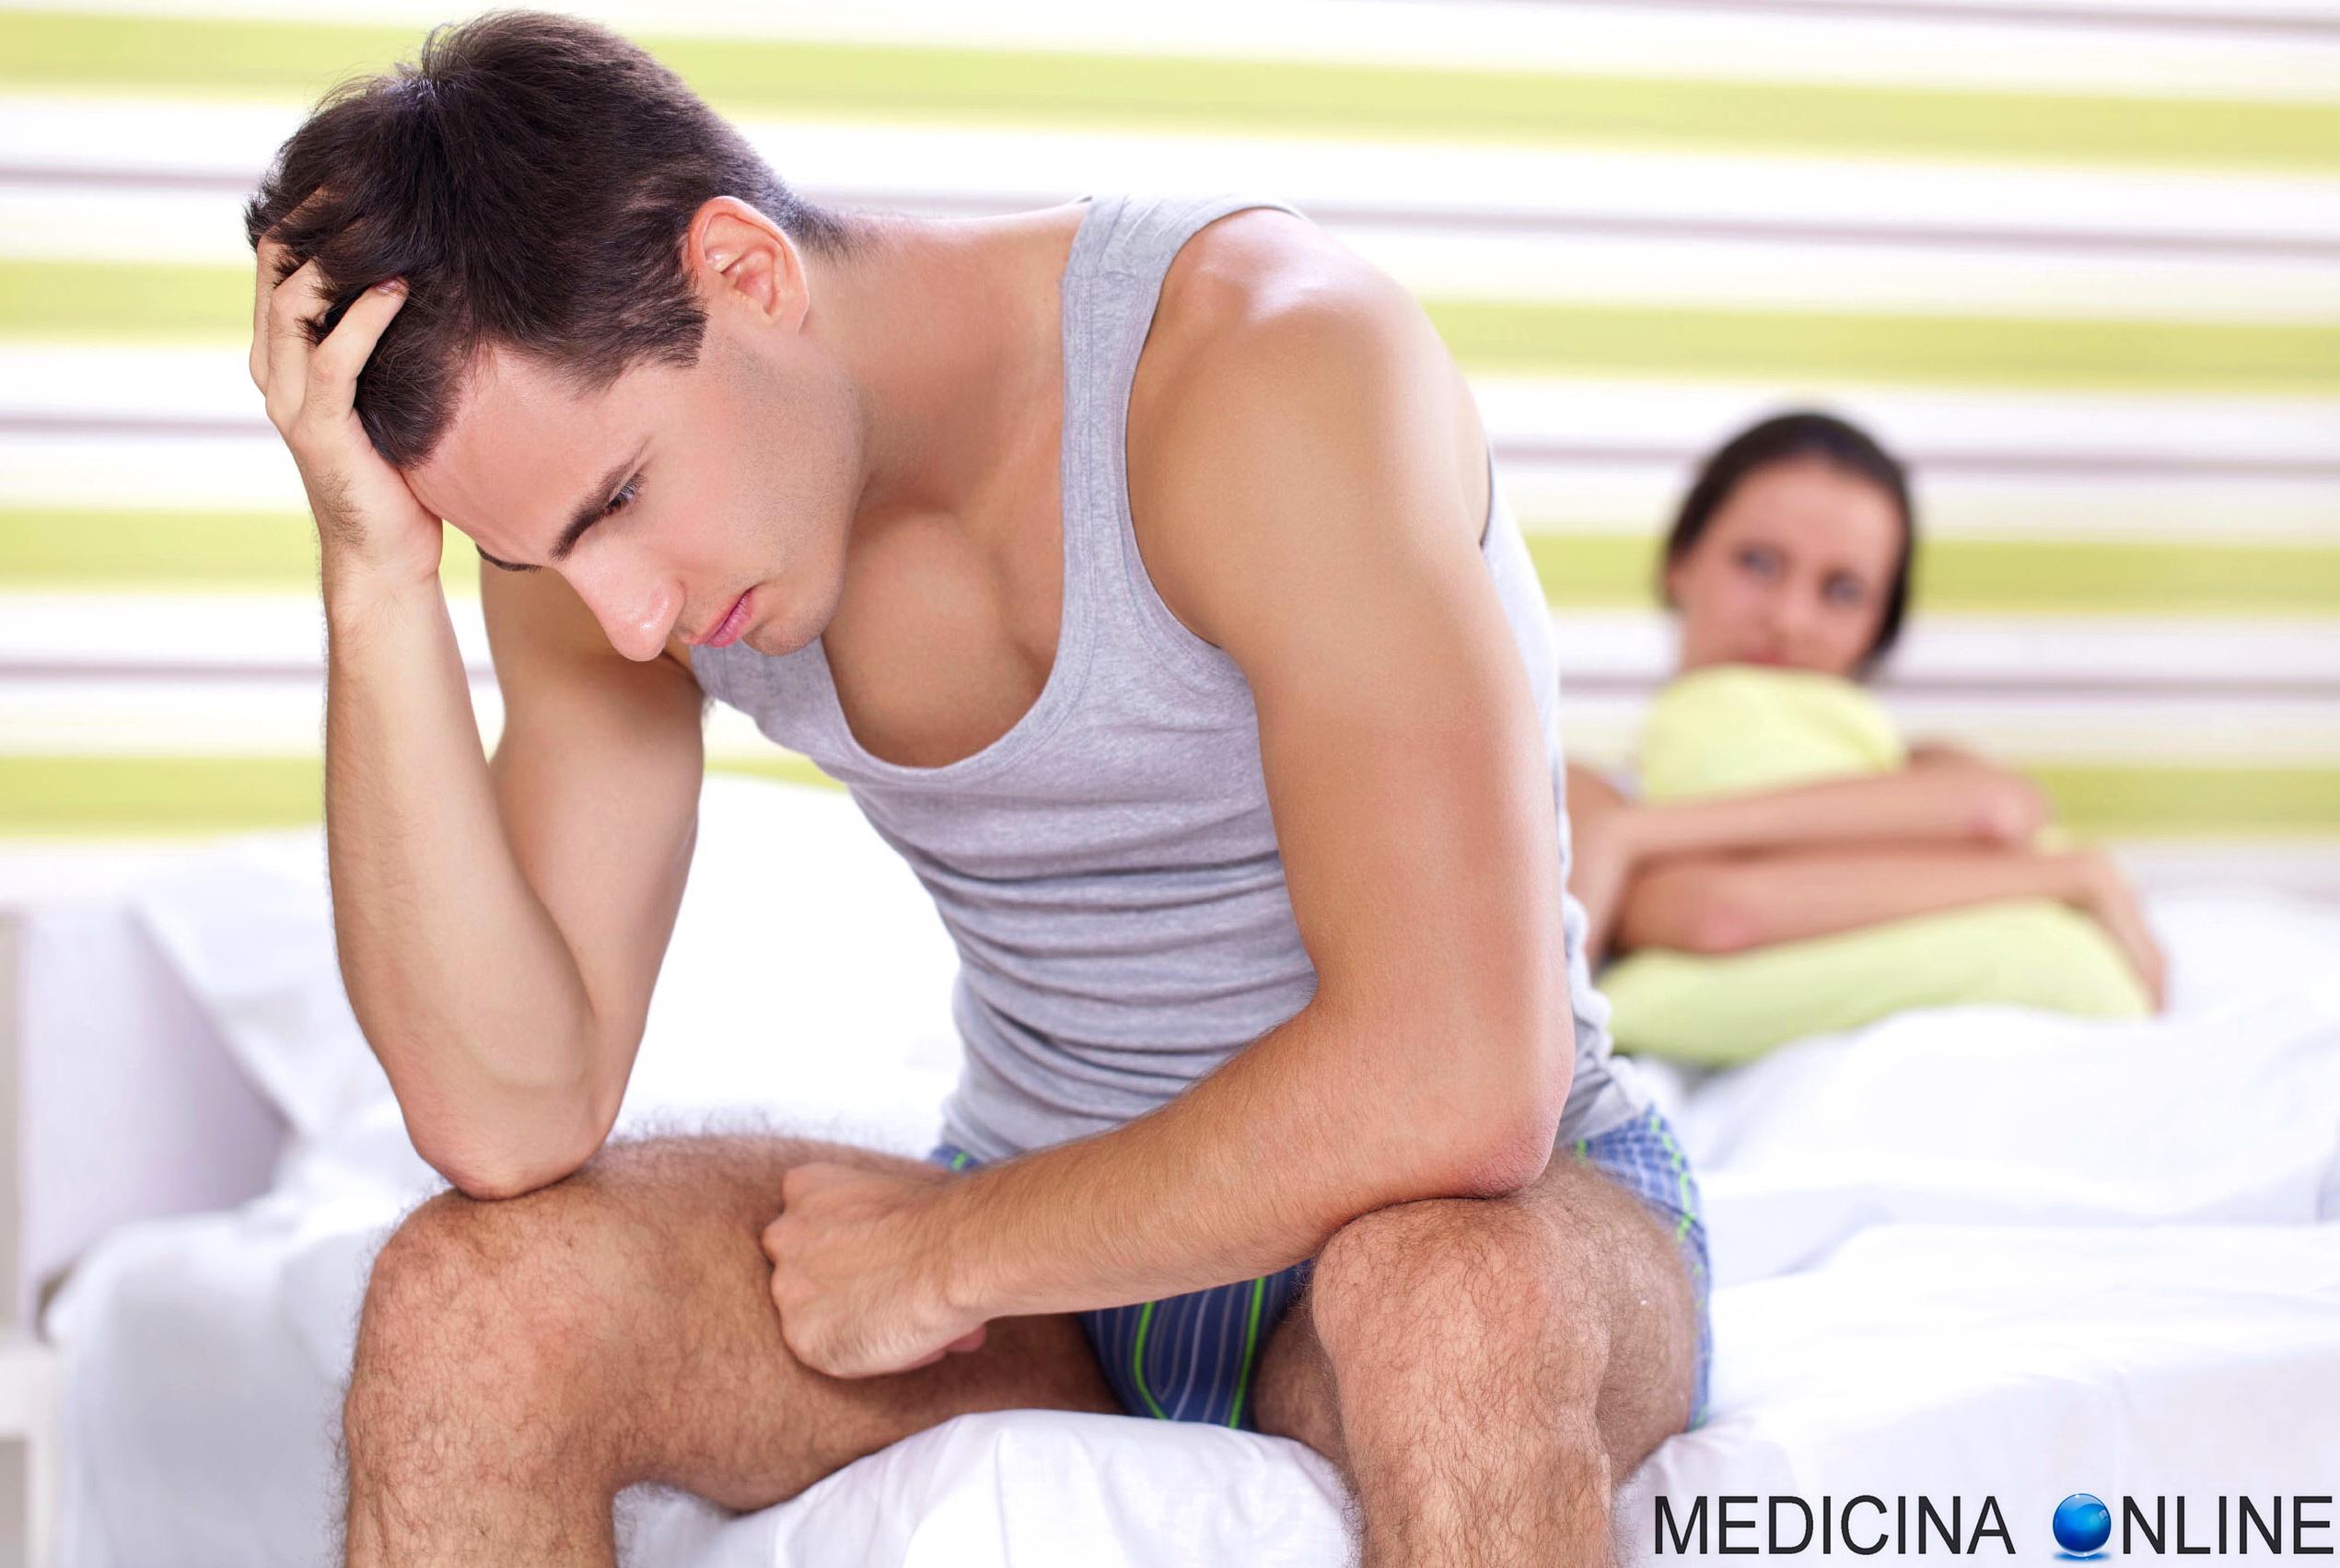 la disfunzione erettile è un sintomo o una malattia